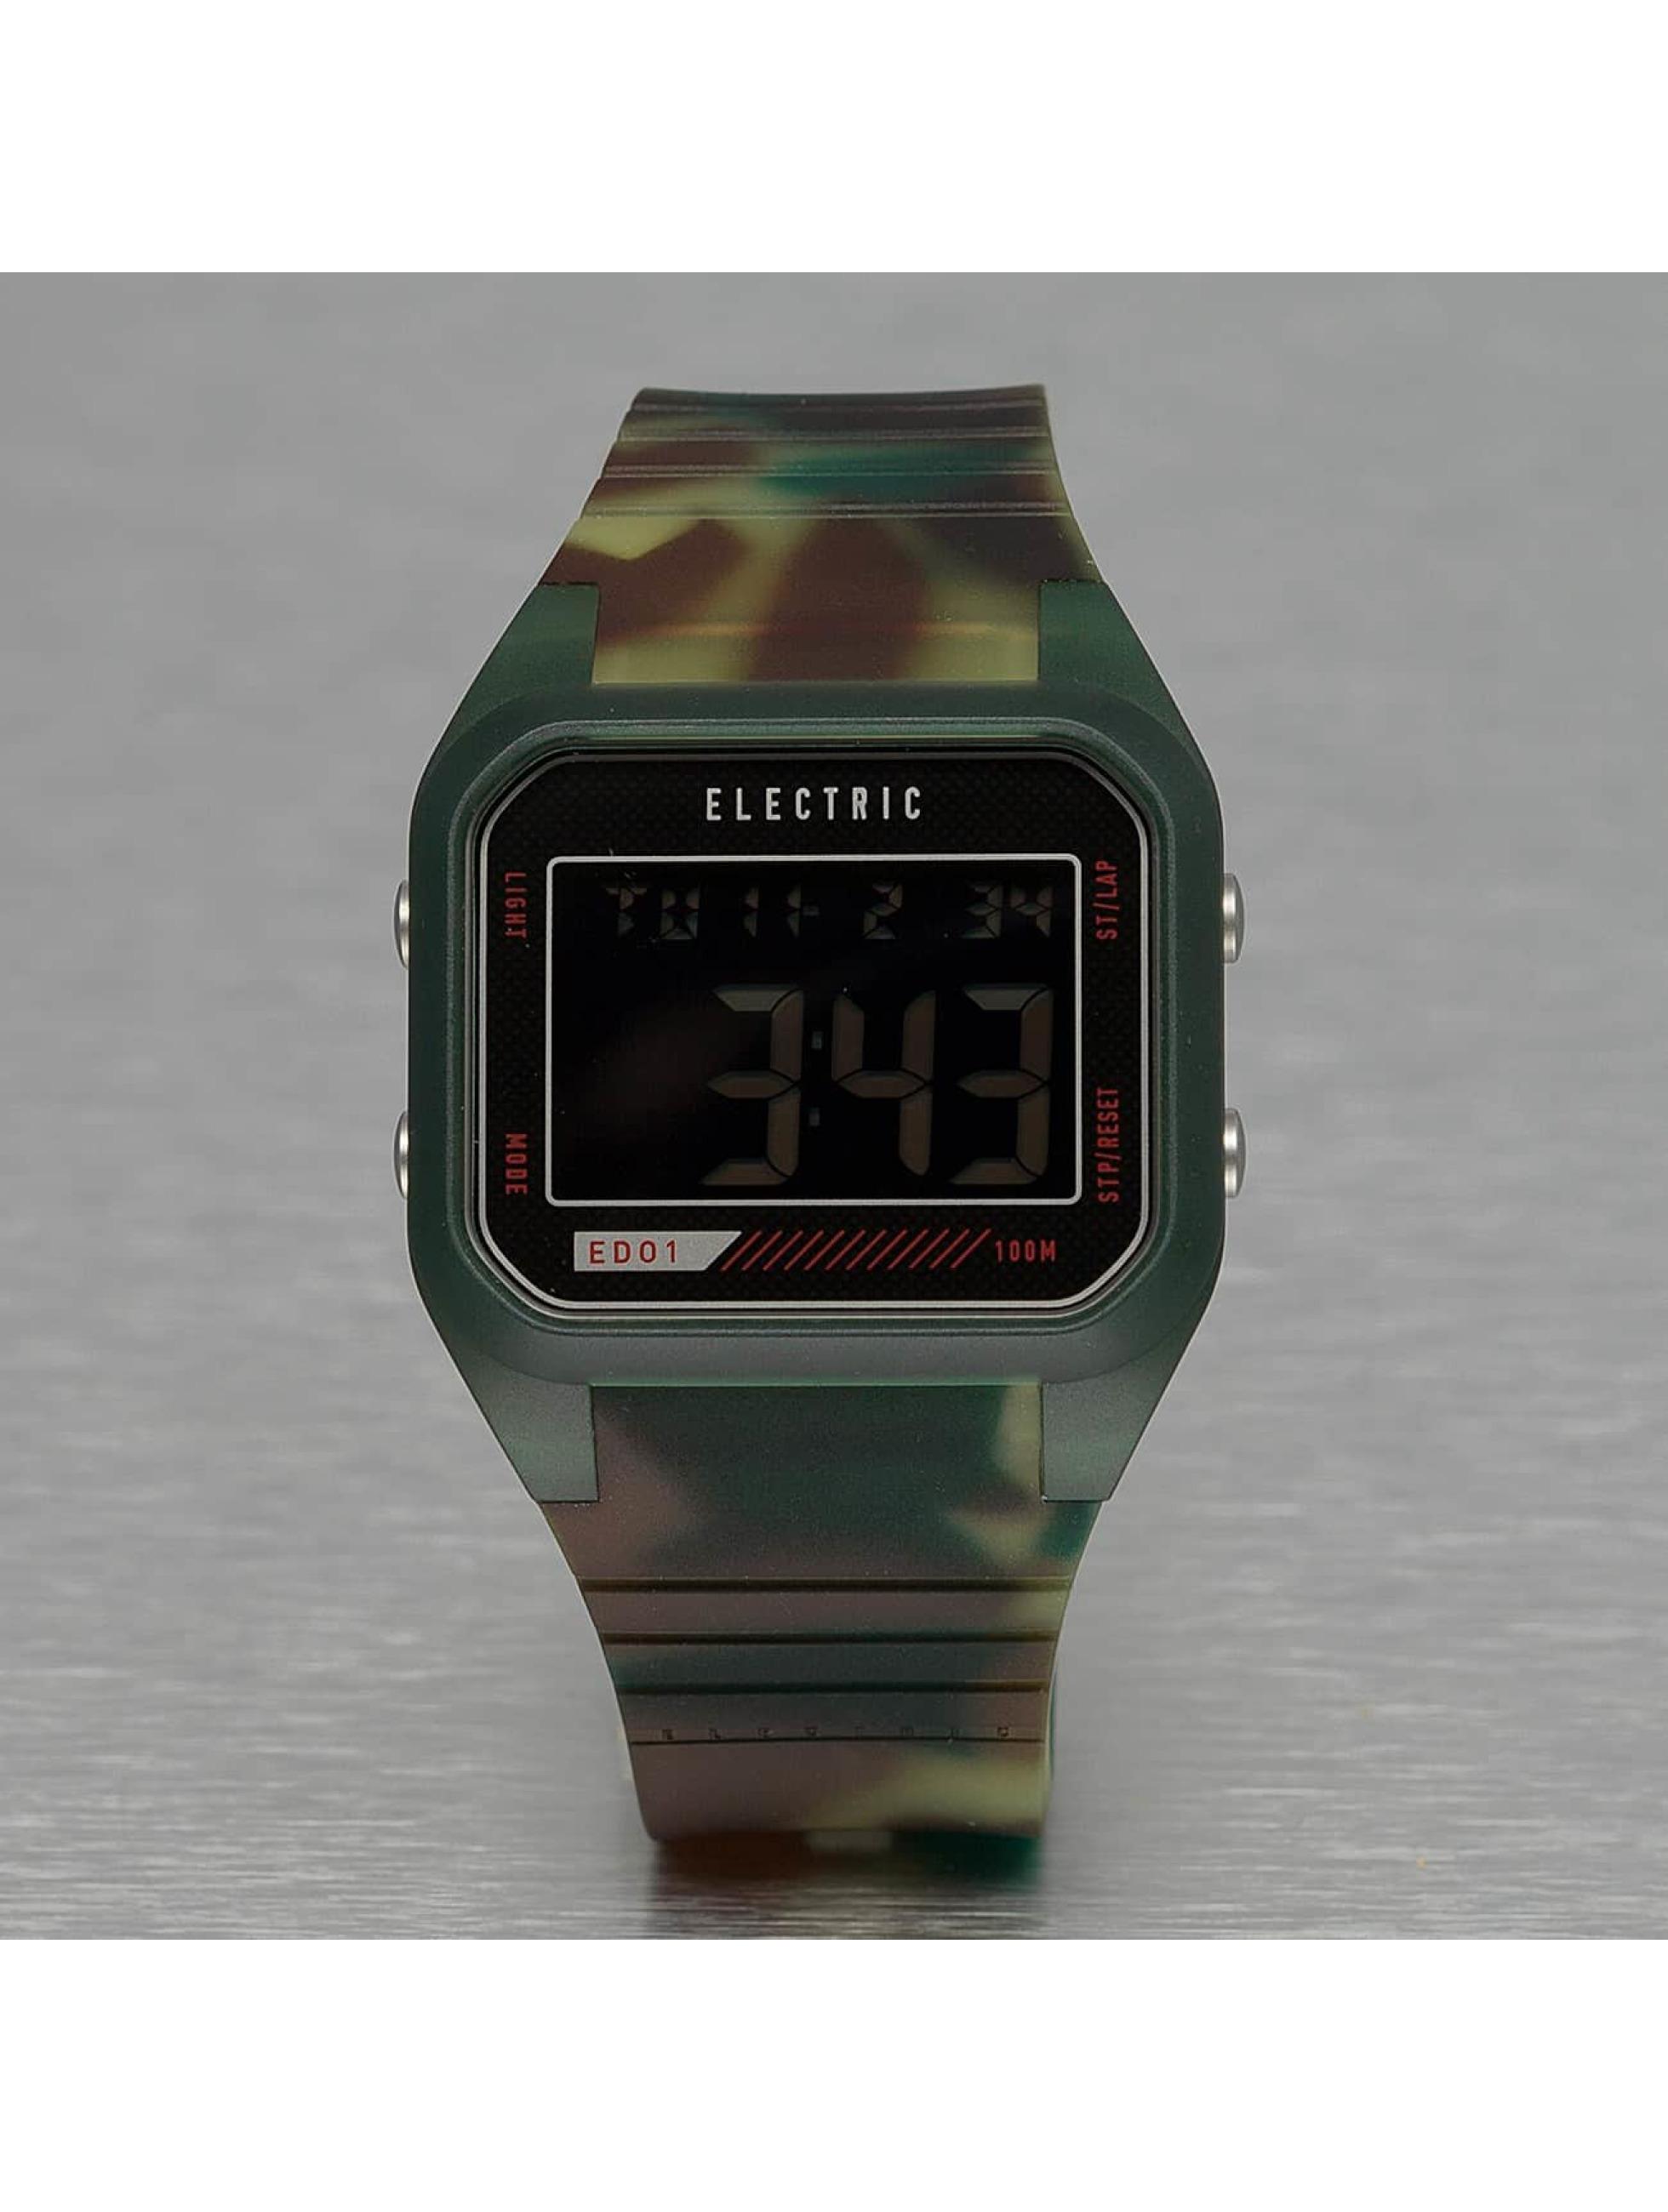 Electric Männer,Frauen Uhr ED01 PU in camouflage